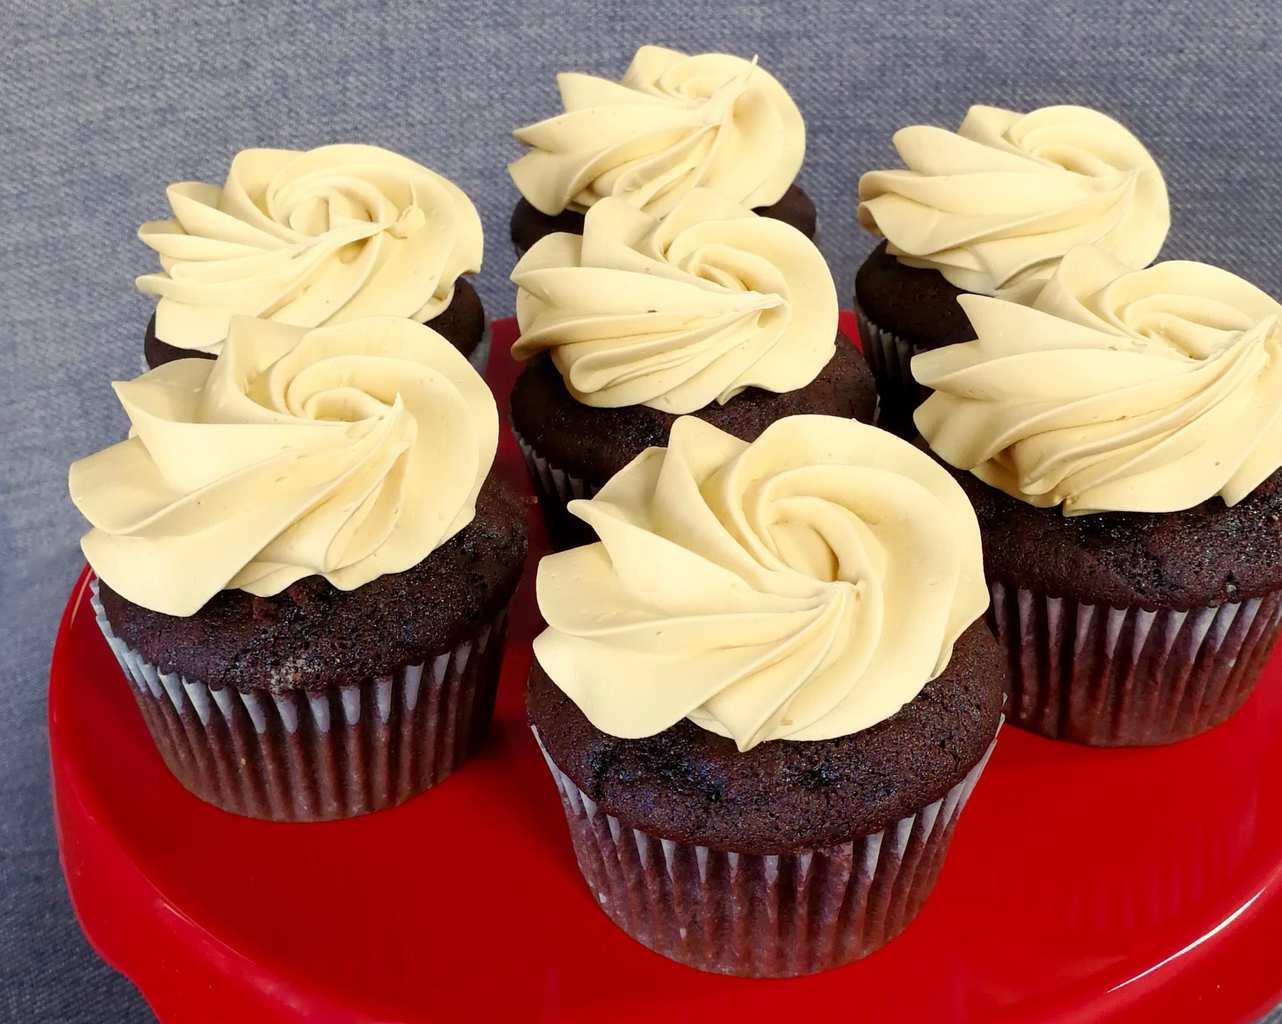 chocolate caramel cupcakes with caramel icing close up